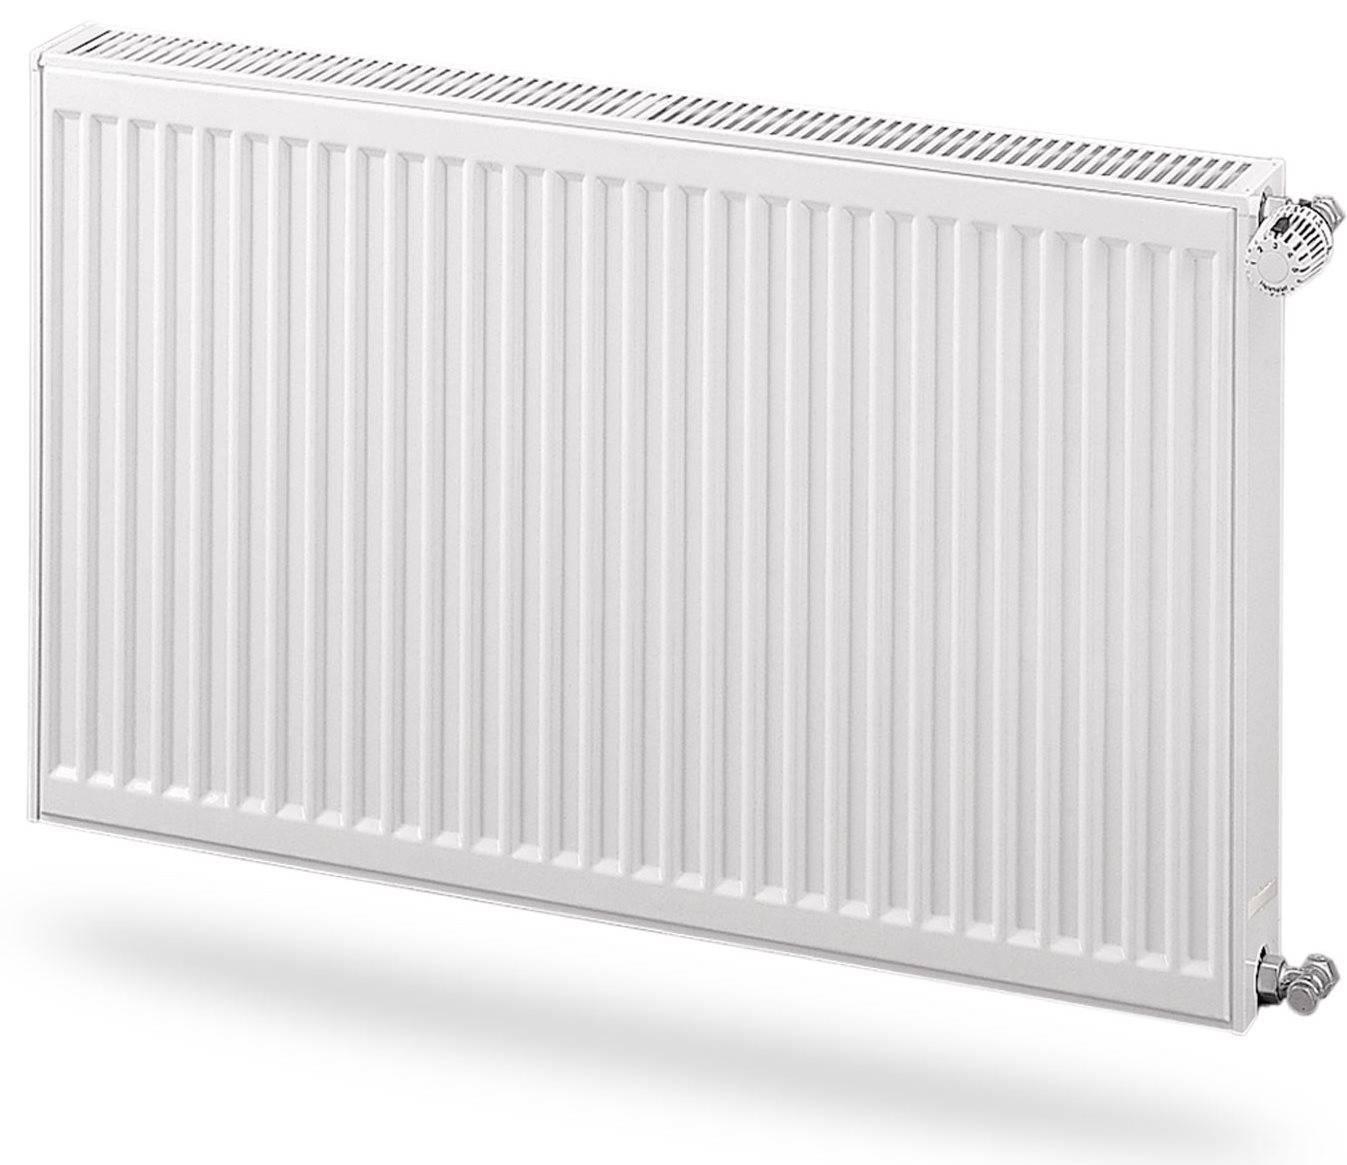 Стальные панельные радиаторы: виды и расчет по таблицам